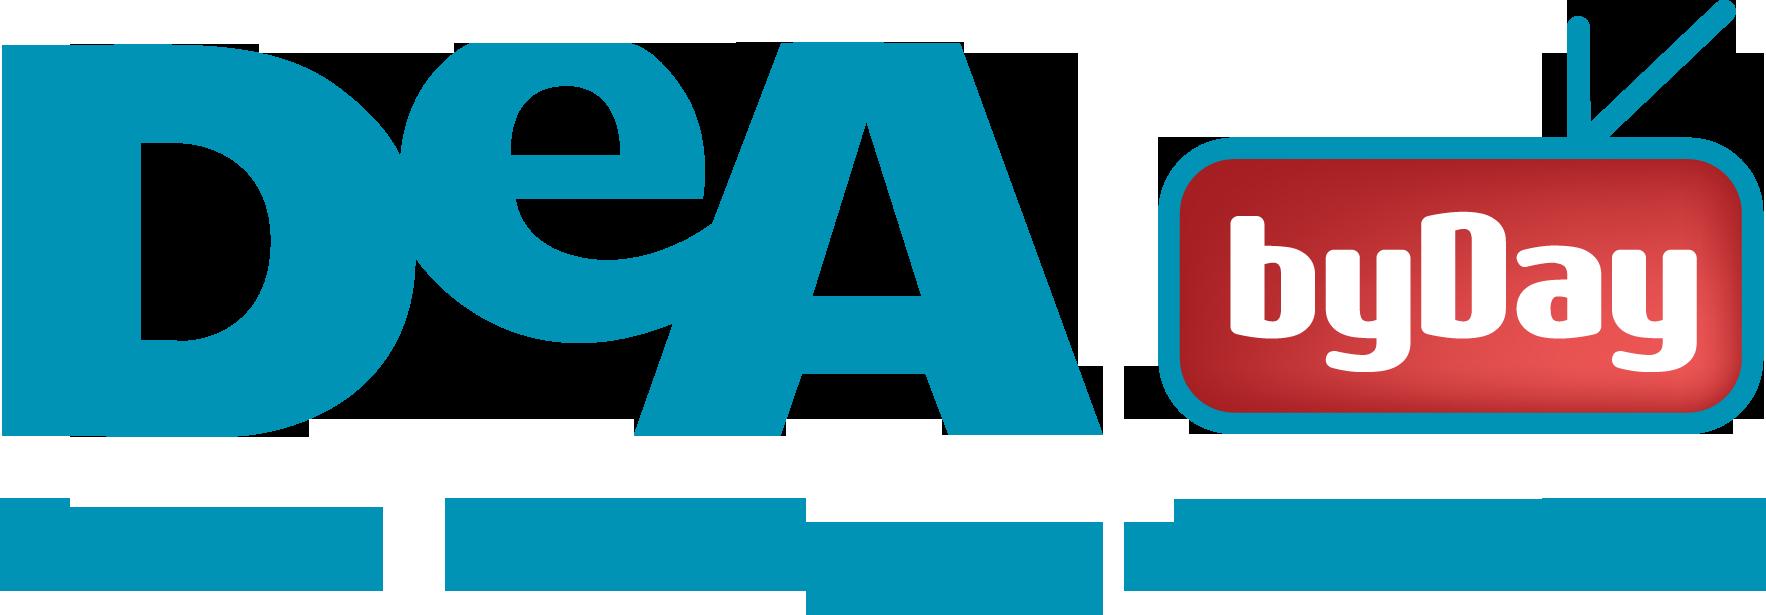 logo_deabyday-1